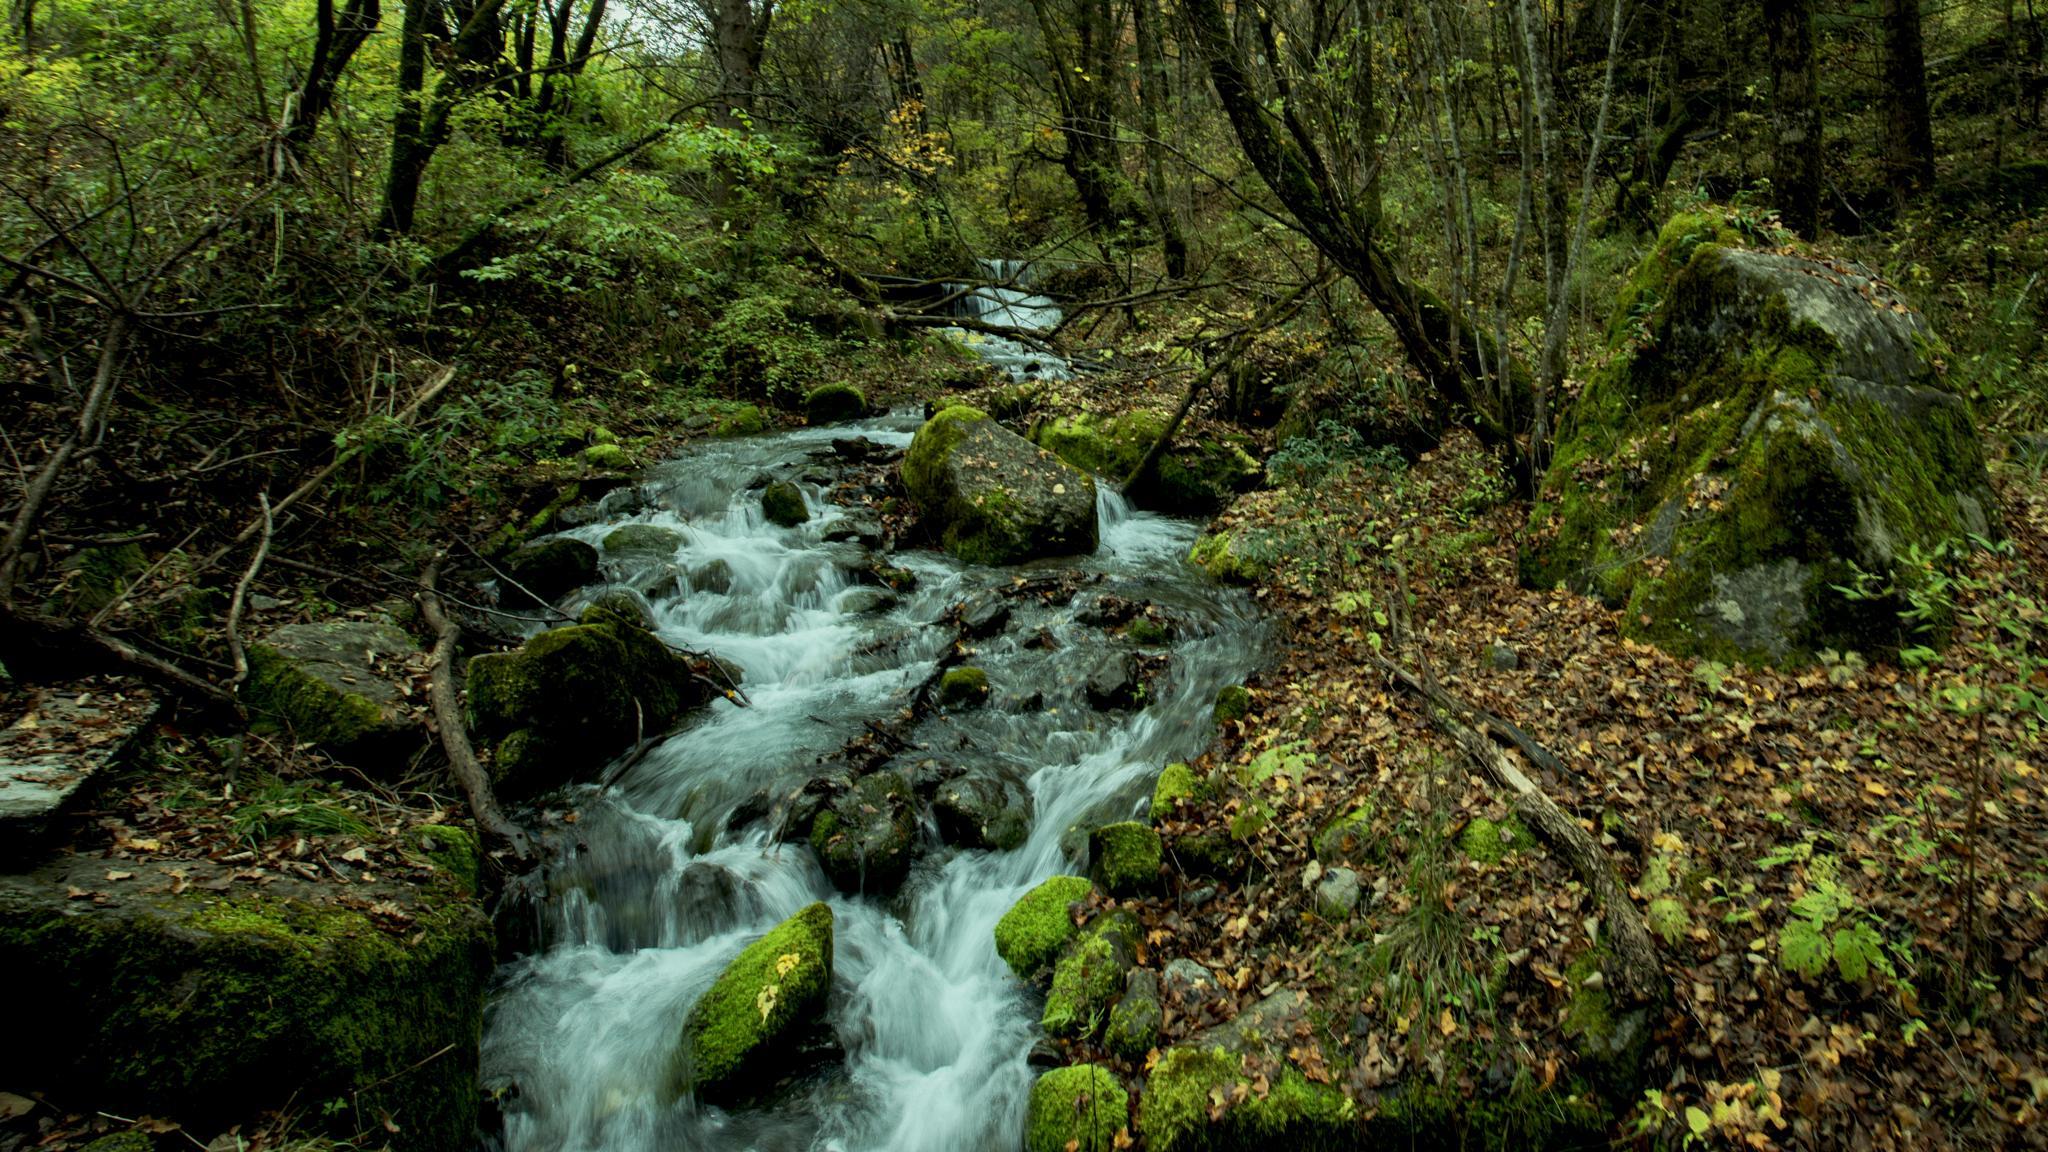 Time breeze thru like the streams. by eddylowck